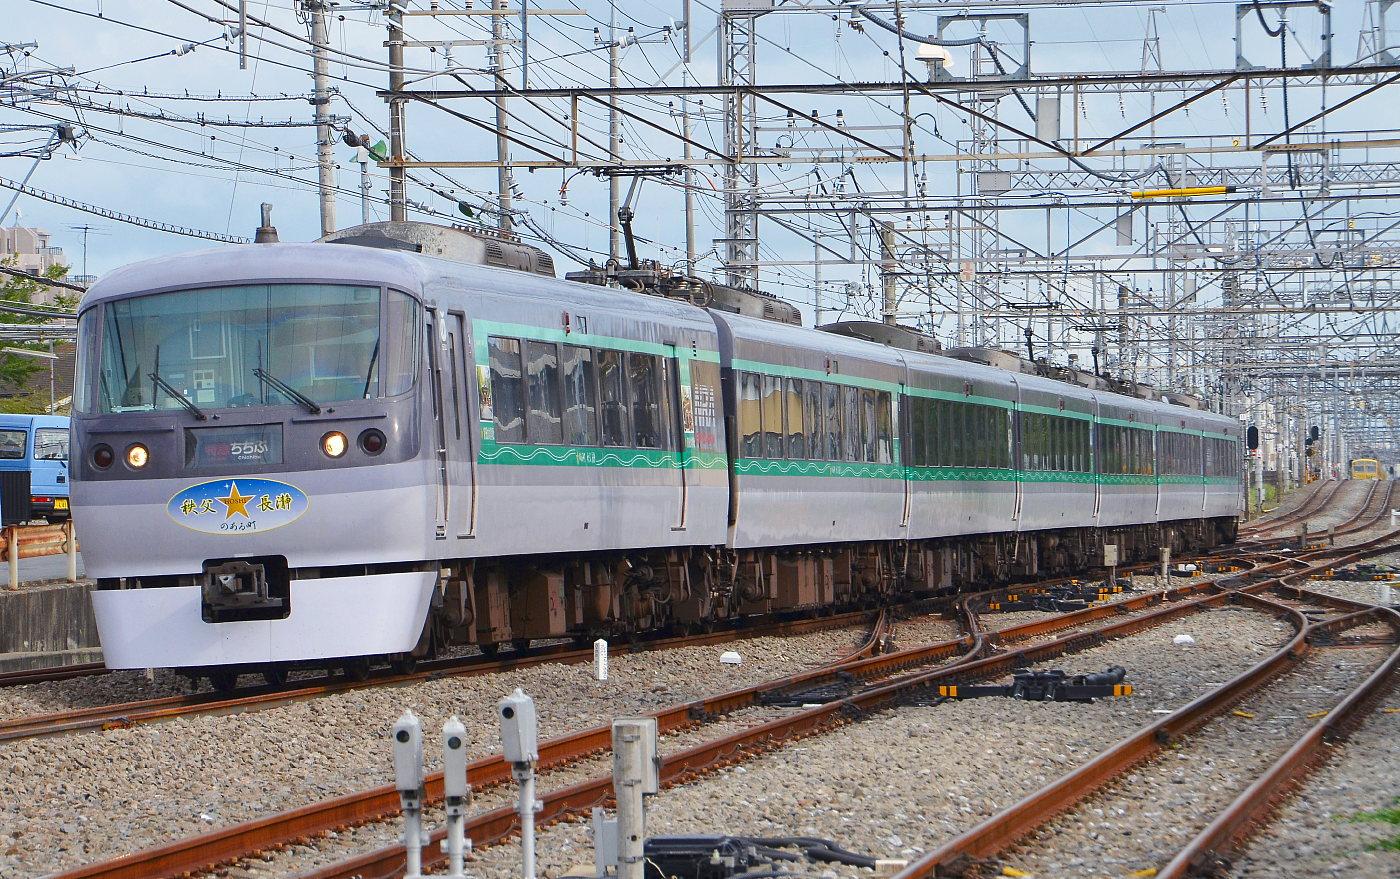 西武電車2012年 その5_a0251146_3312722.jpg